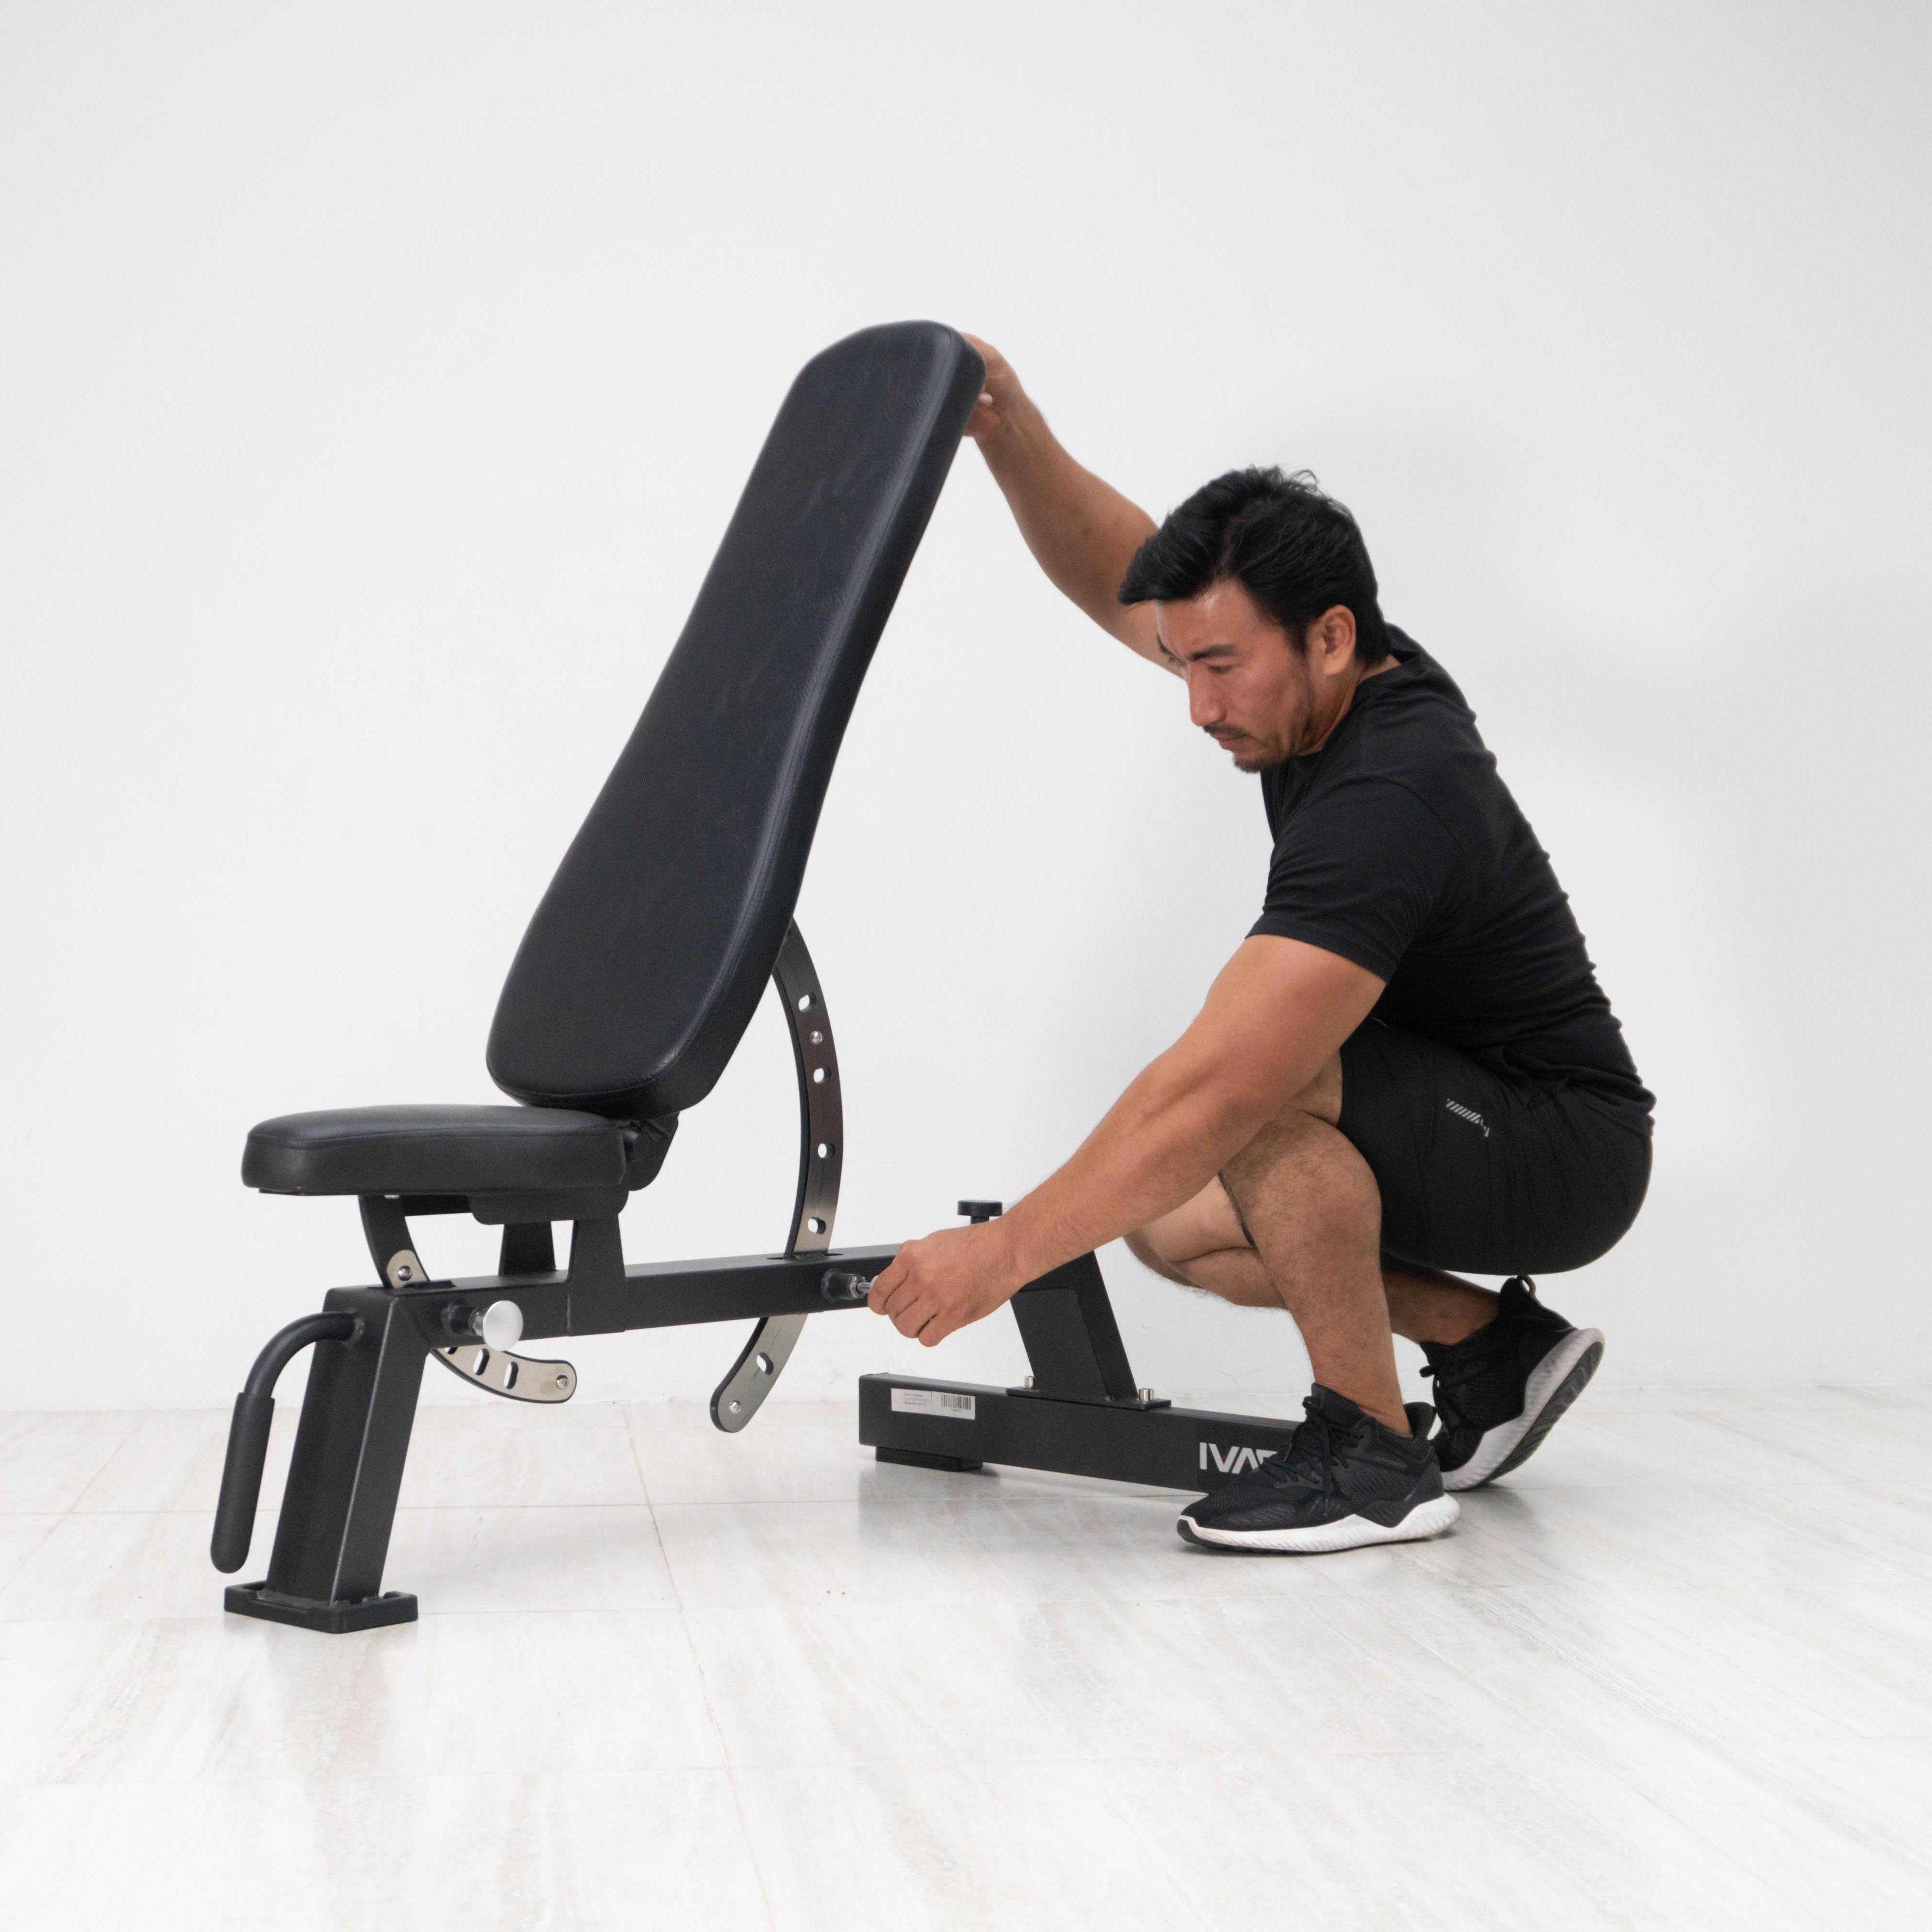 snode adjustable bench